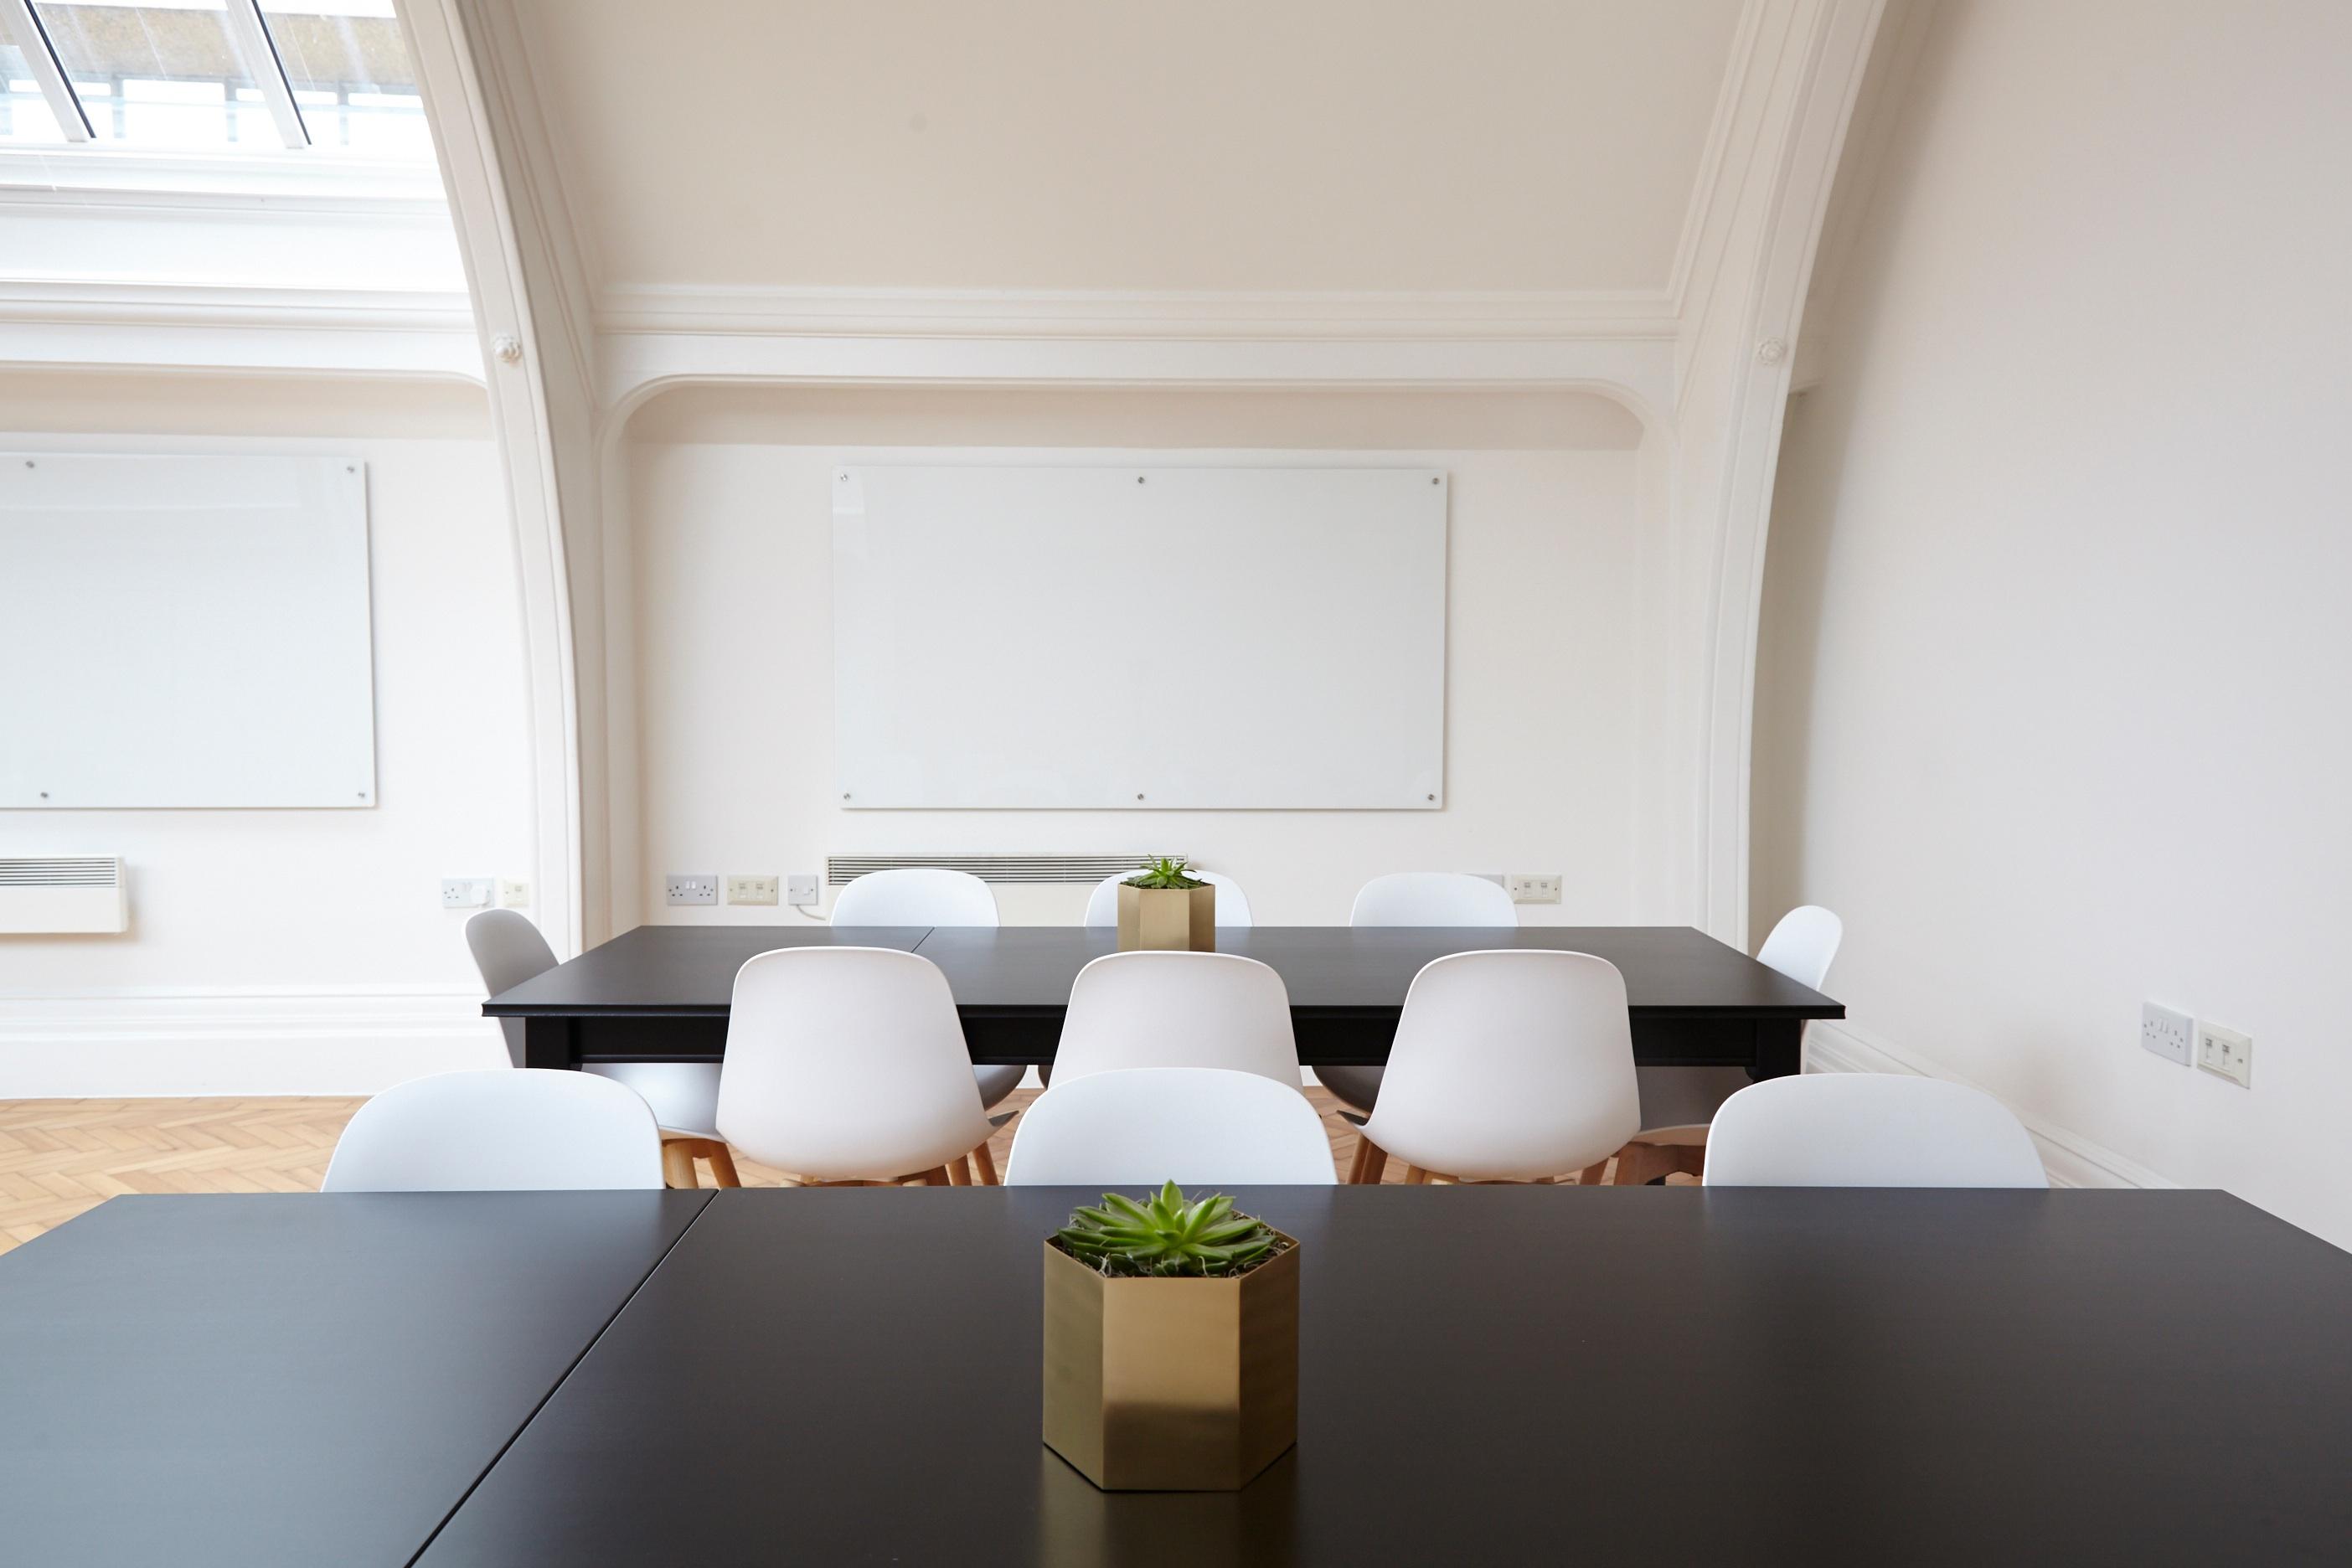 Free Images : desk, table, property, living room, furniture, work ...